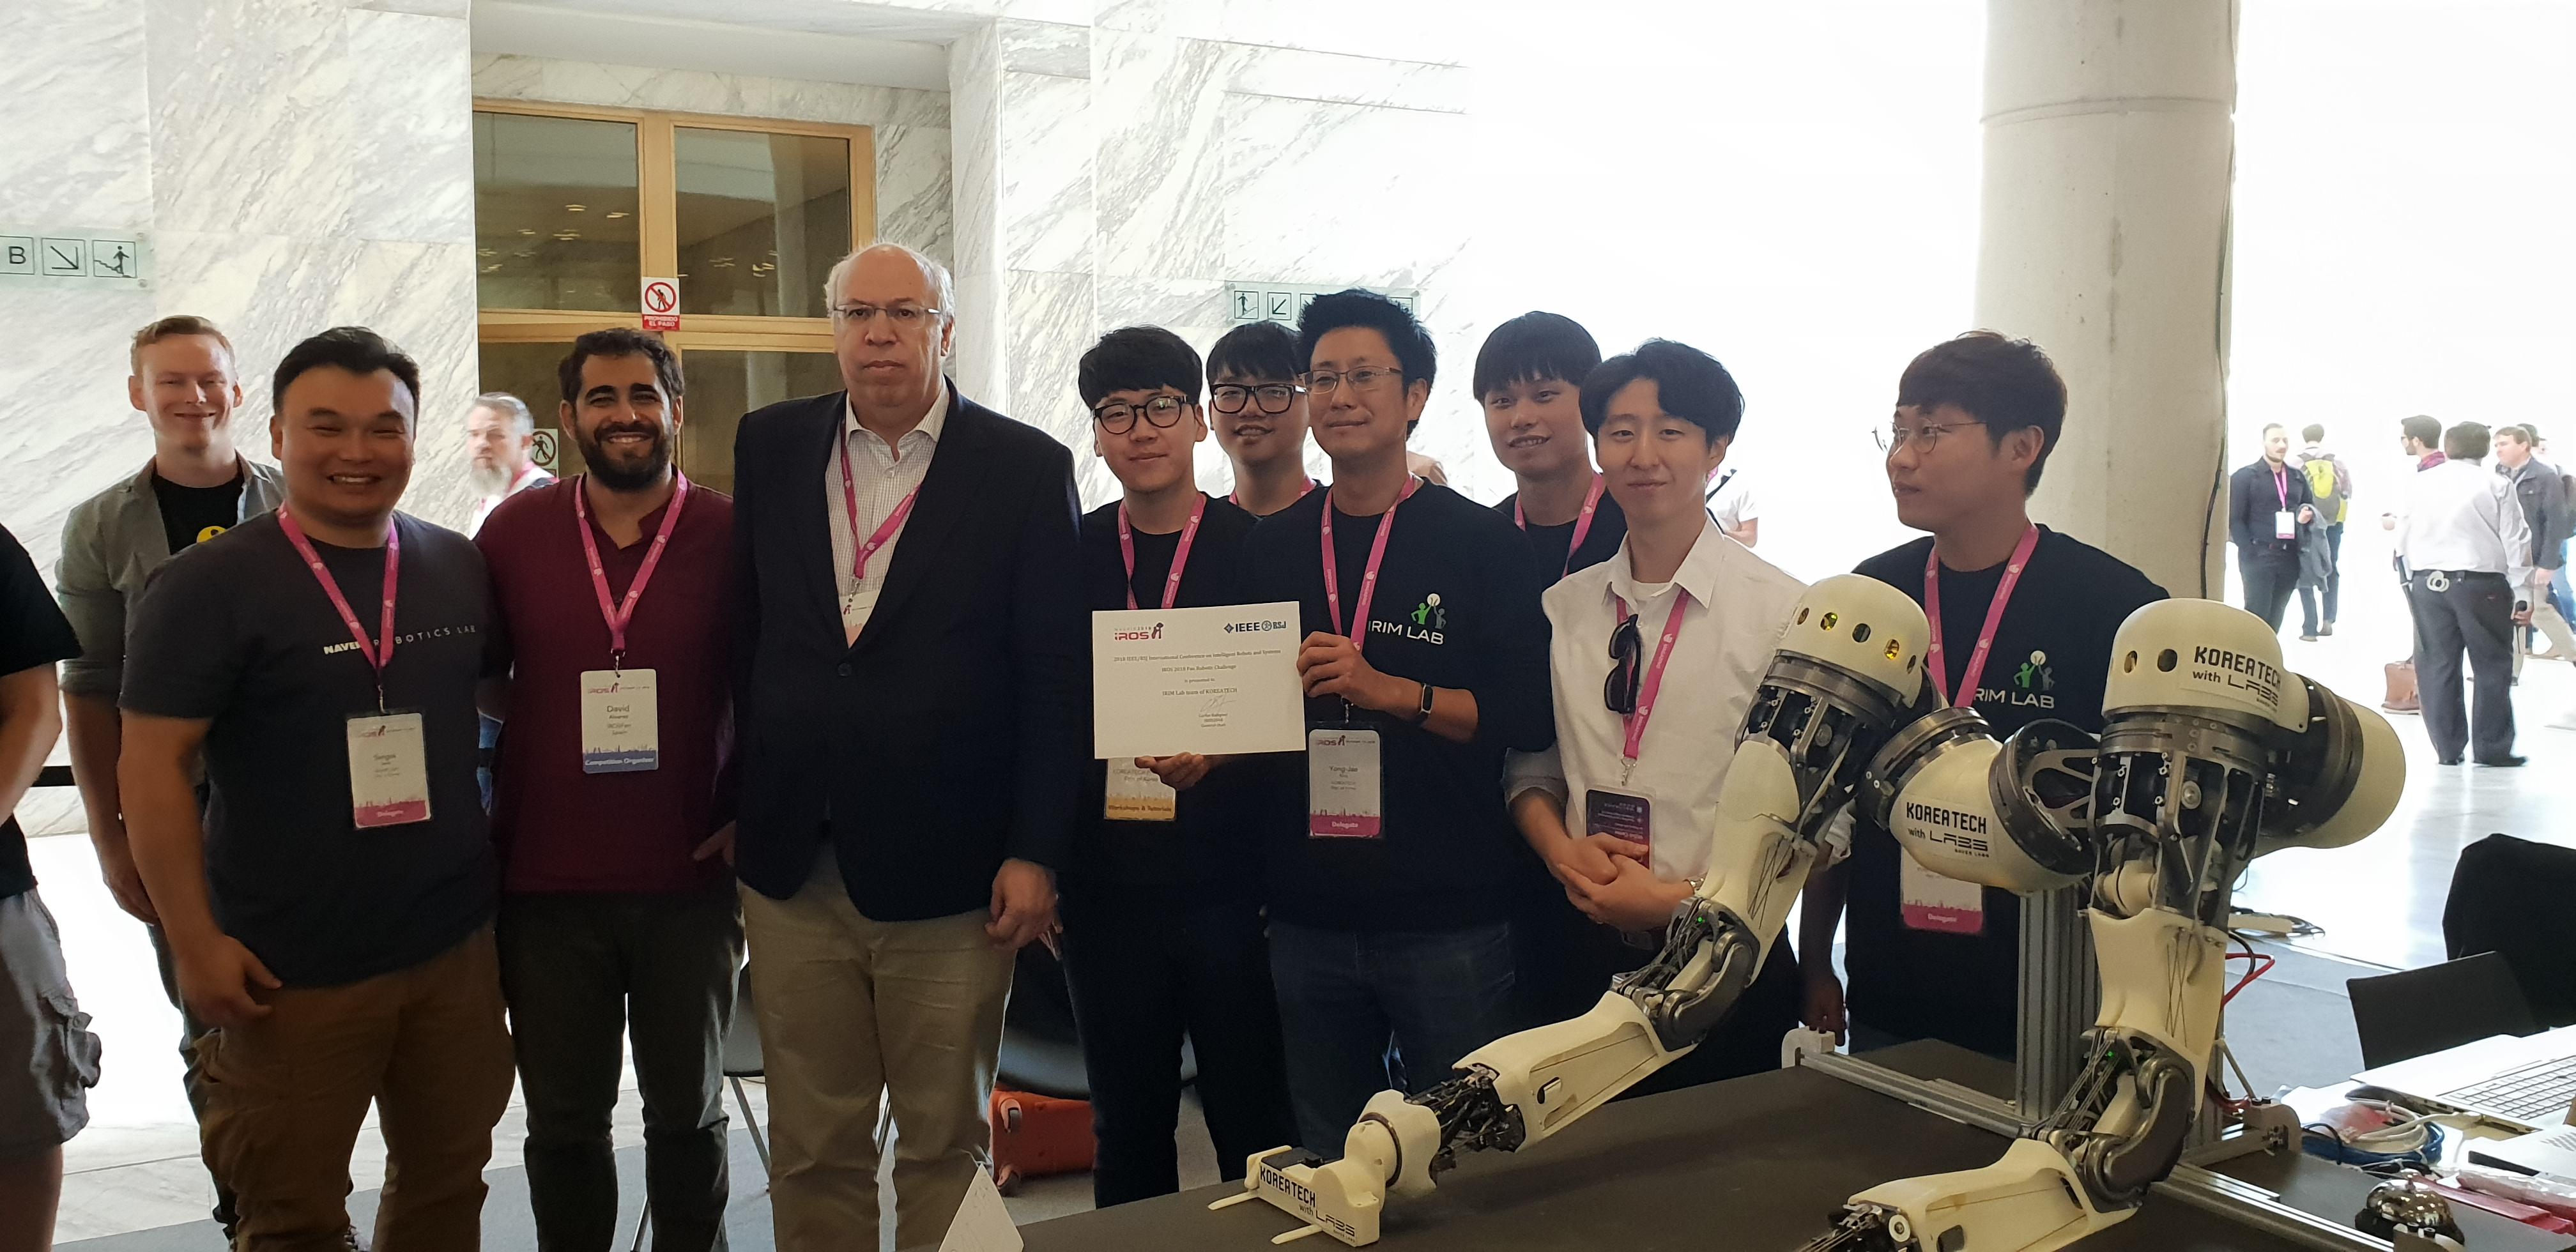 네이버랩스-코리아텍 산학협력 프로젝트 '앰비덱스', 국제로봇학회 IROS 경쟁부문 우승